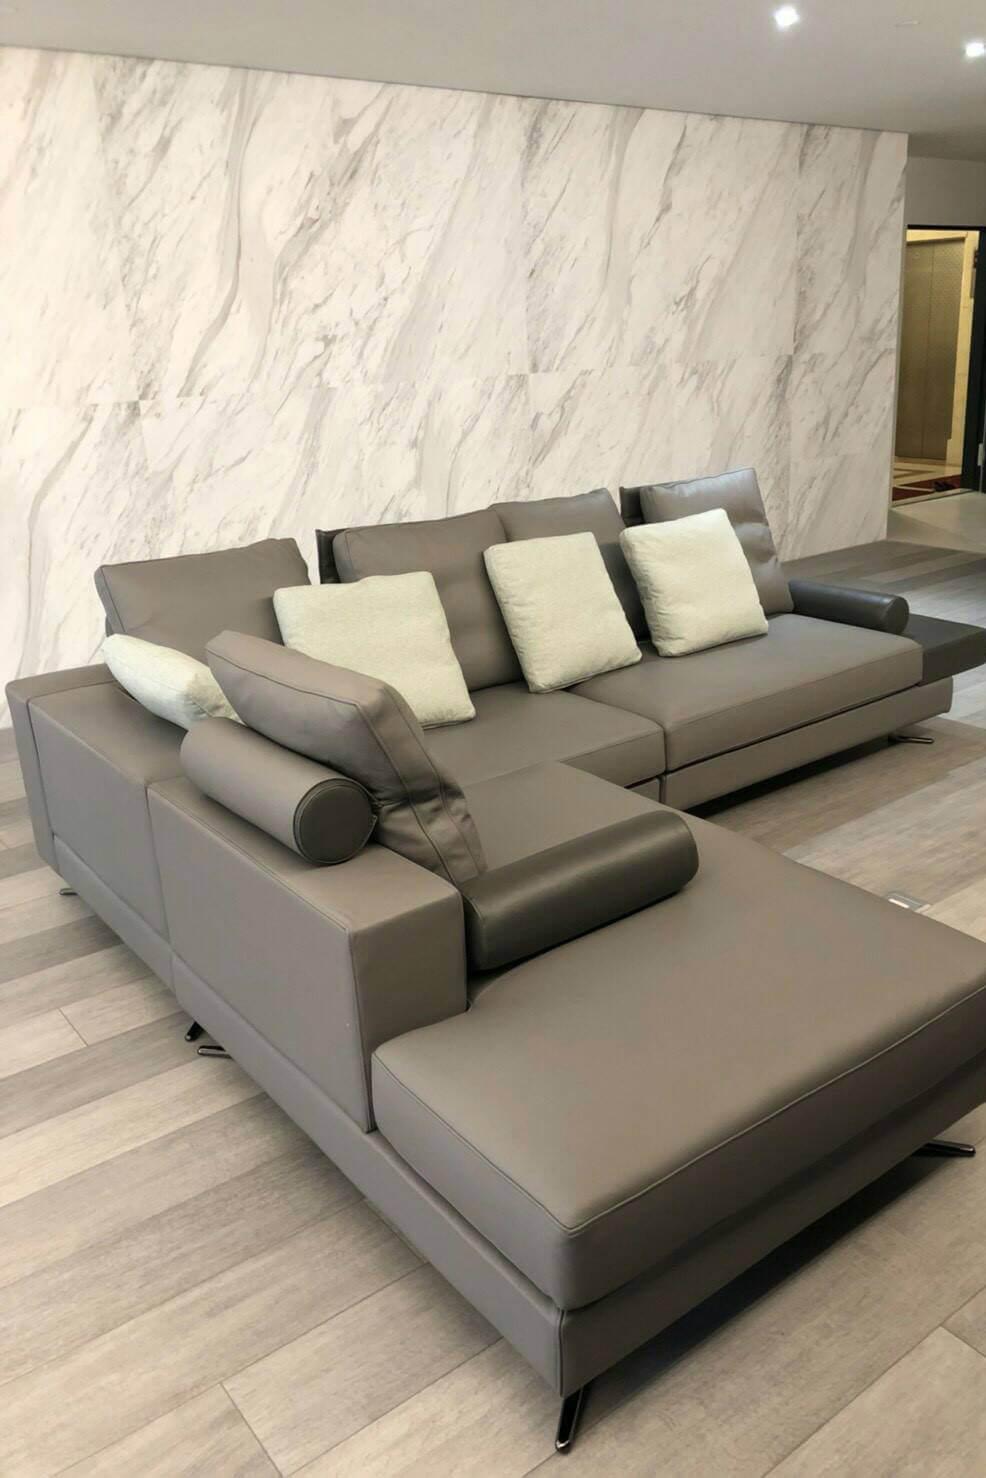 1、我們的沙發背靠:大靠枕後方多了一塊一體成形的鐵件,讓這種低矮背的沙發能夠有較高的背部支撐